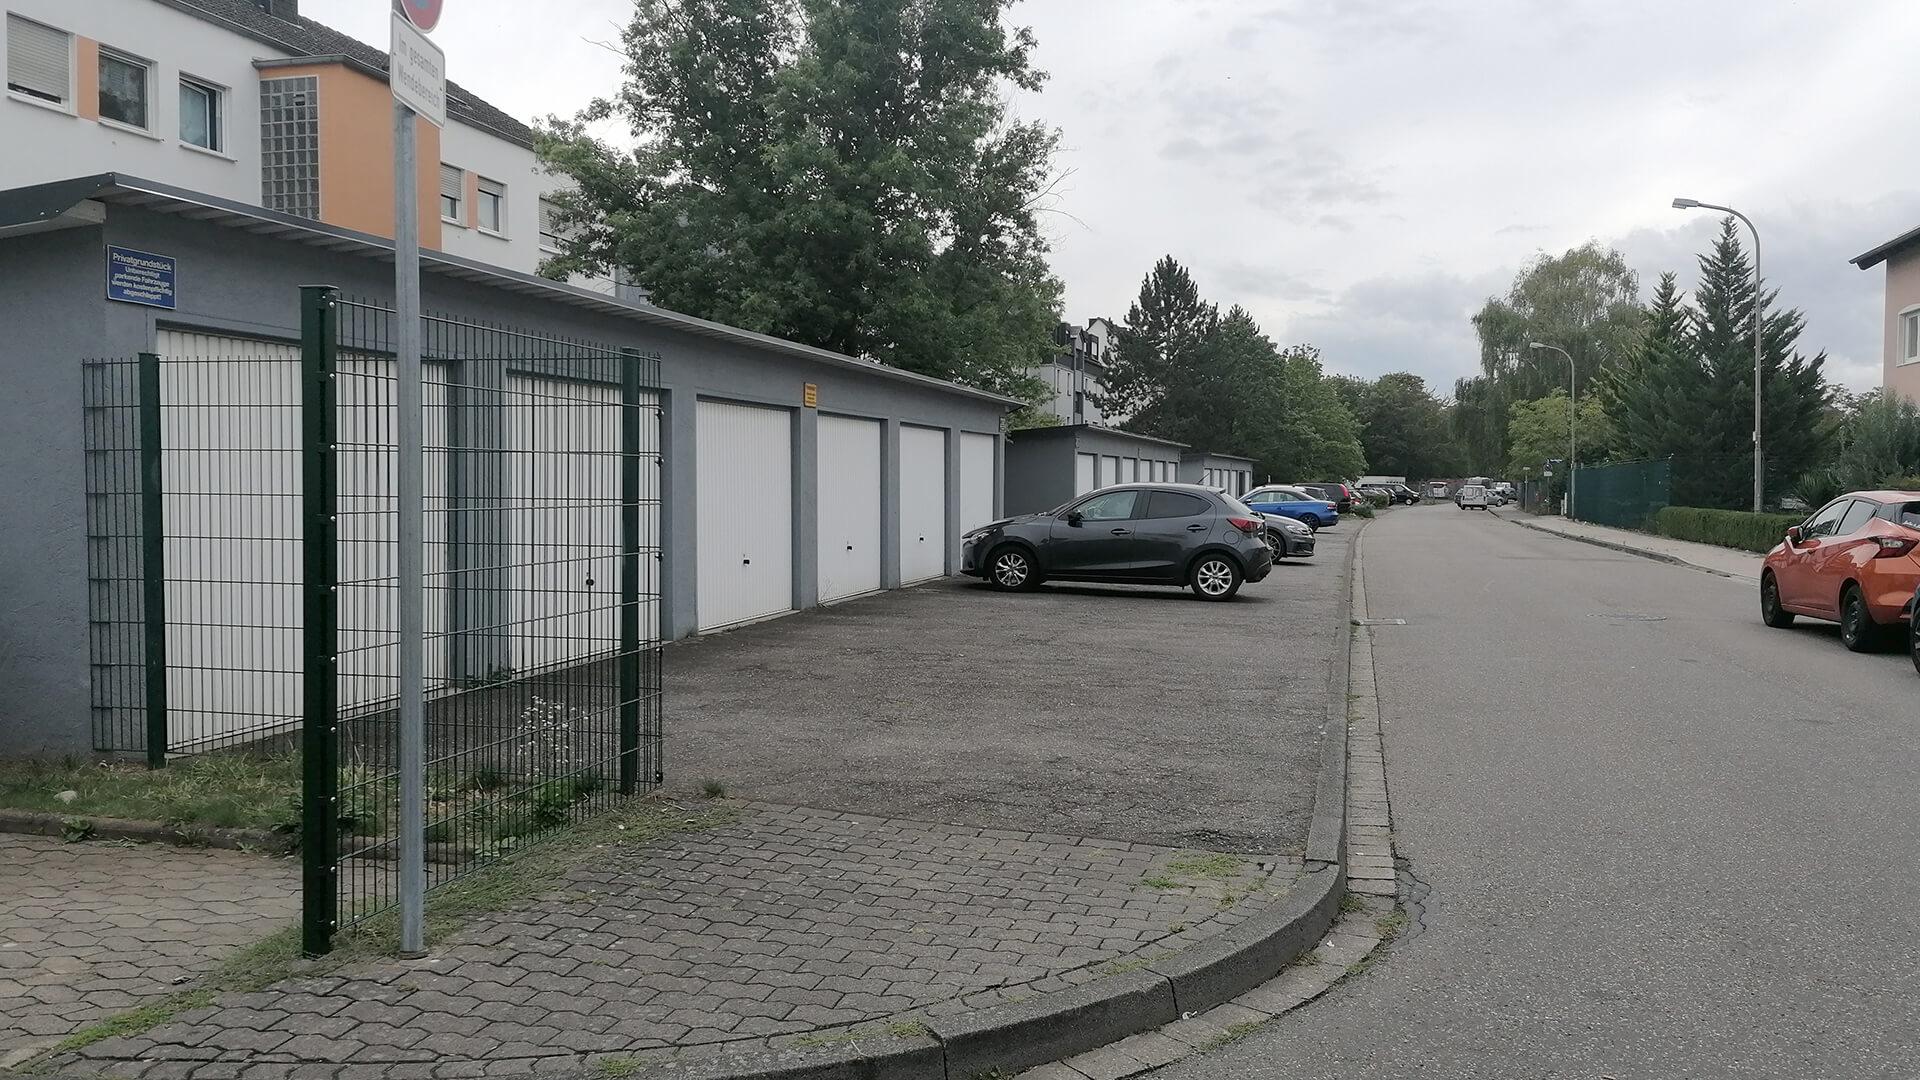 koblenz-luetzel-projekte-handlungsfelder-3-5a